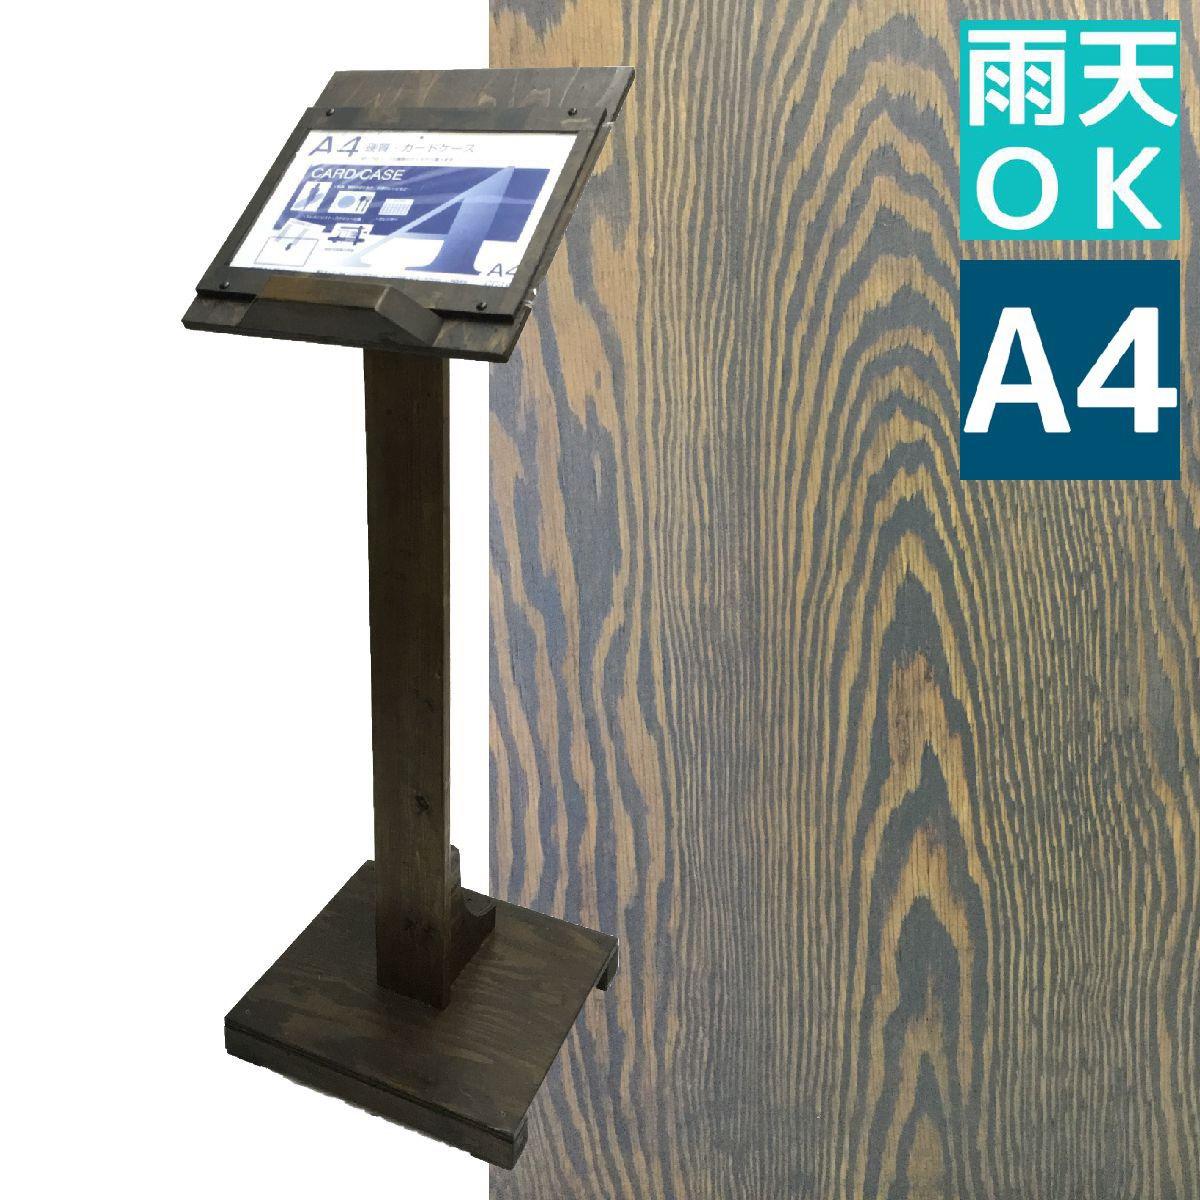 職人が作ったメニュースタンド 屋外用 A4×1枚 木製オリジナルメニュースタンドT型 オーク メニュー看板 サインボード サイン看板 店舗看板 スタンド看板